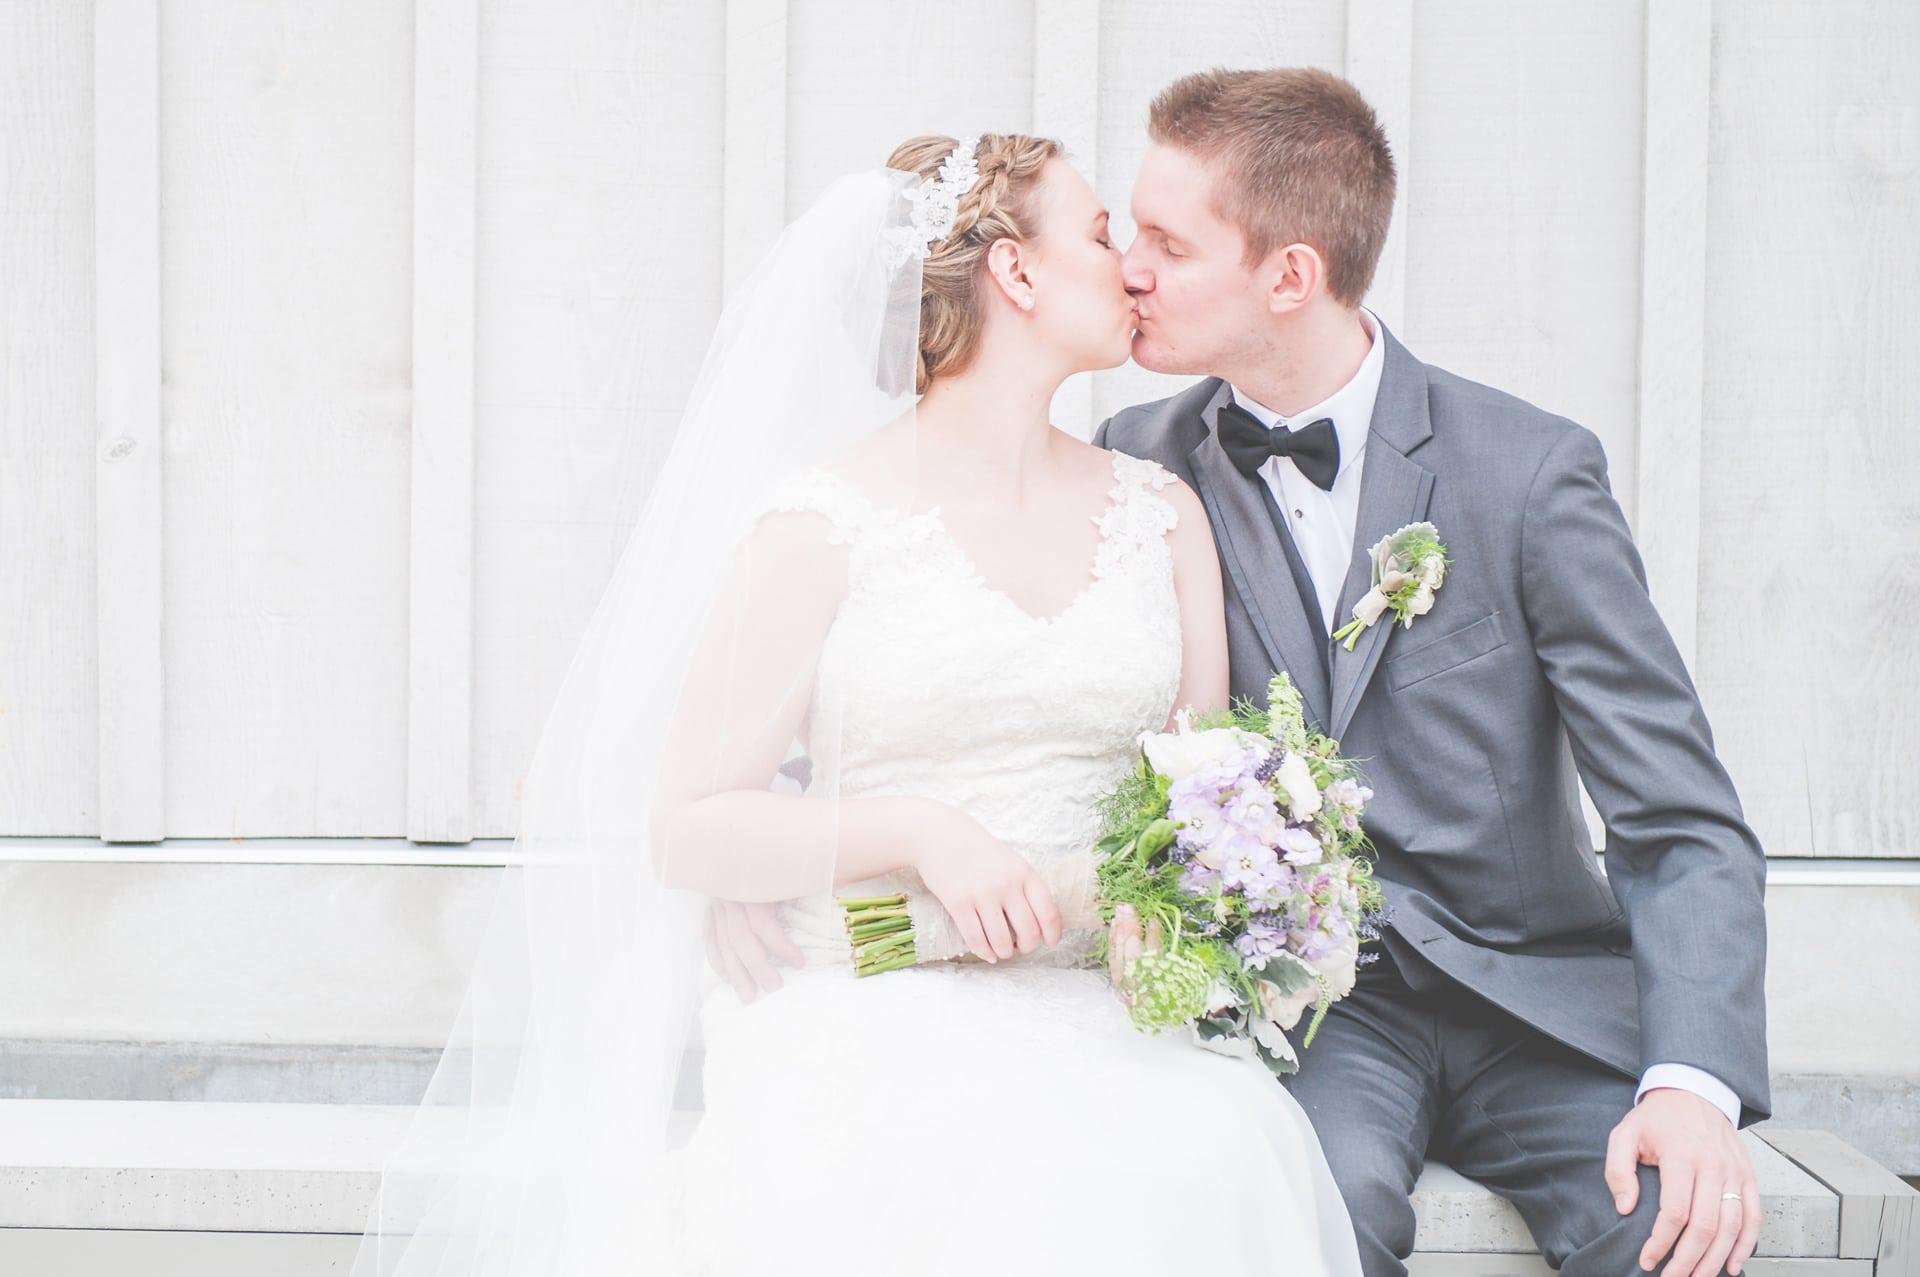 Kelly-&-Scott's-Wedding-Day-179